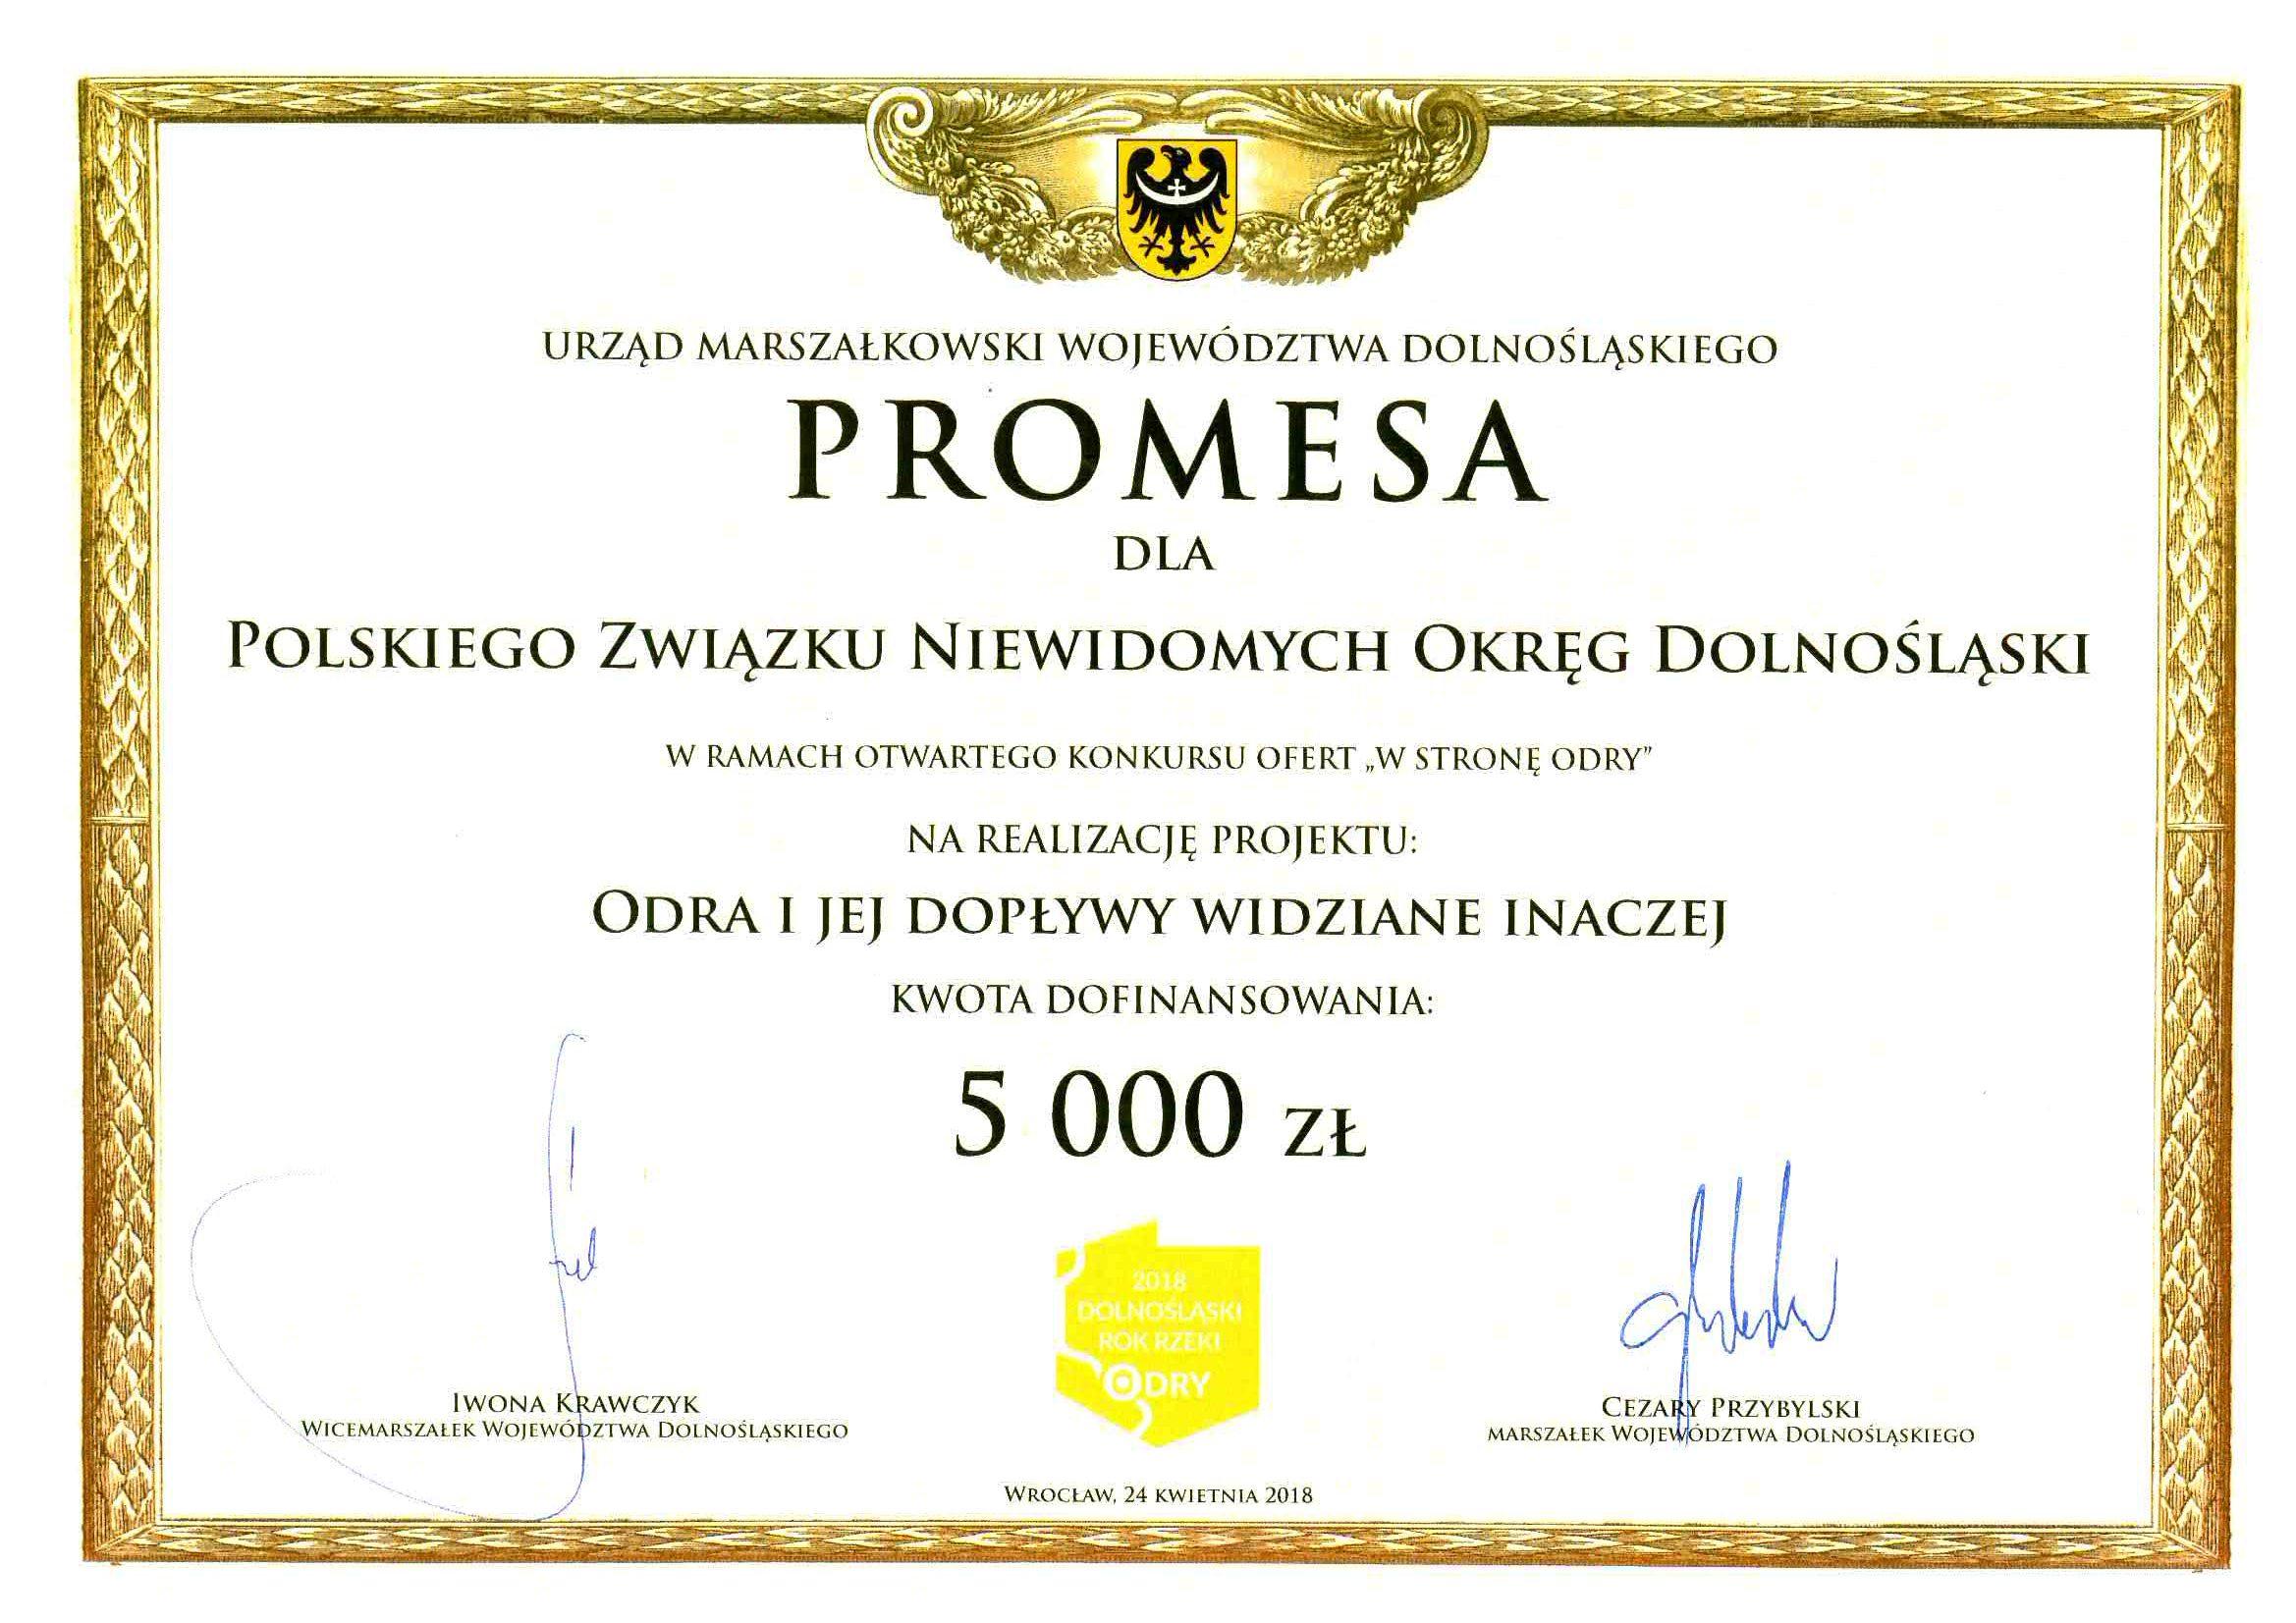 dyplom: Urząd marszałkowski województwa dolnośląskiego - promesa dla Polskiego Związku Niewidomych Okręgu Dolnośląskiego w kwocie 5000zł na realizację projektu Odra i jej odpływy widziane inaczej